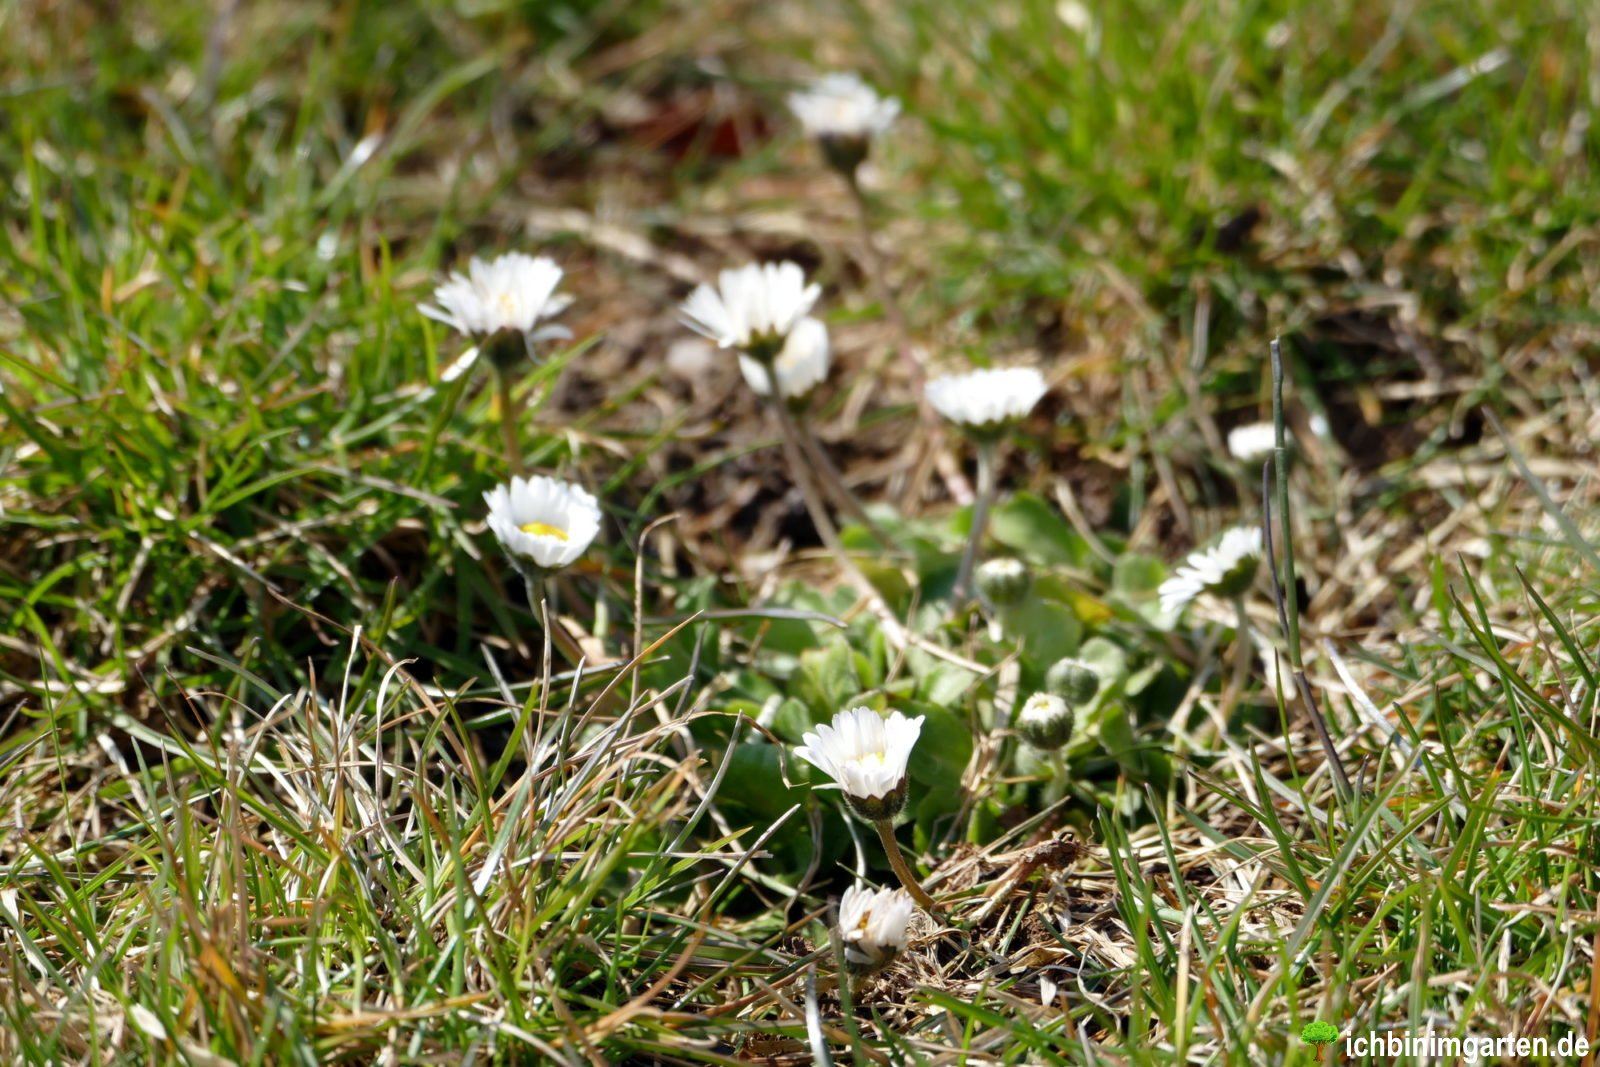 Rasen in Kräuterrasen umwandeln 3